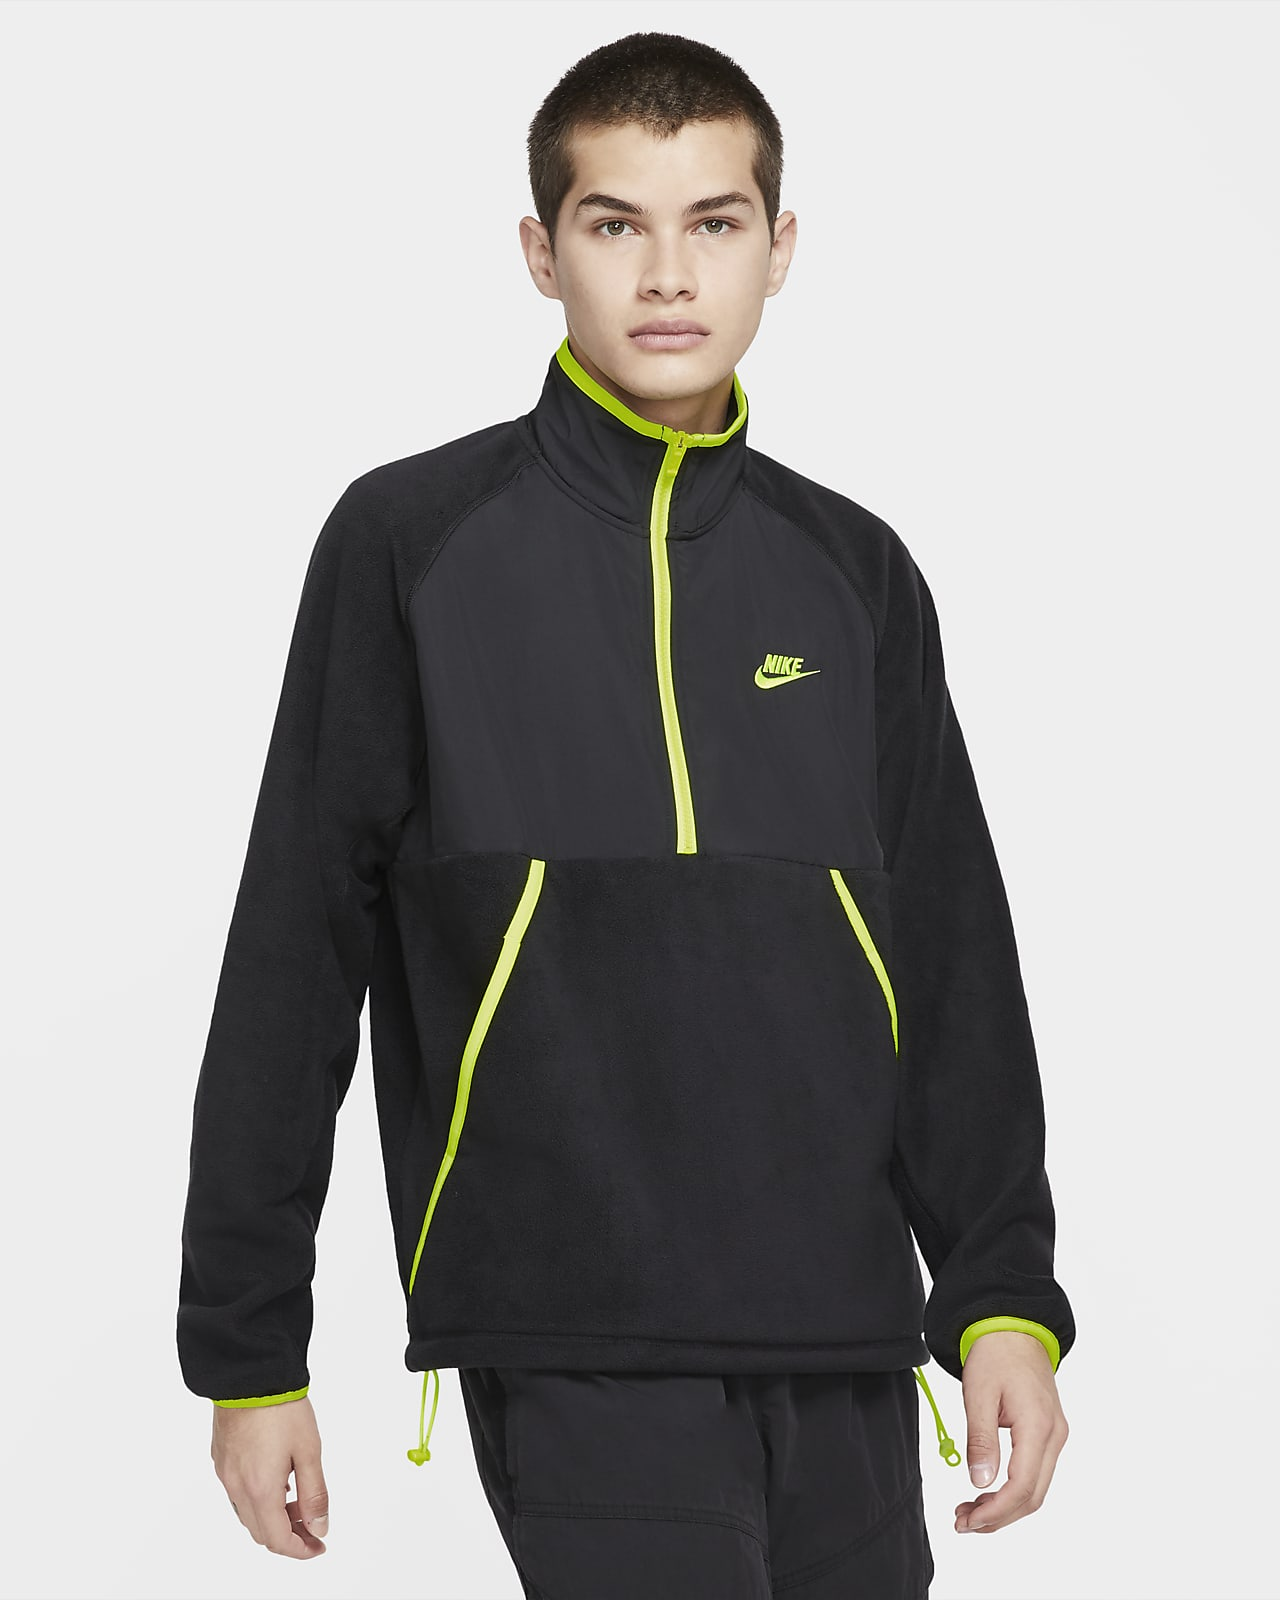 Nike Sportswear Men's Winterized Half-Zip Top